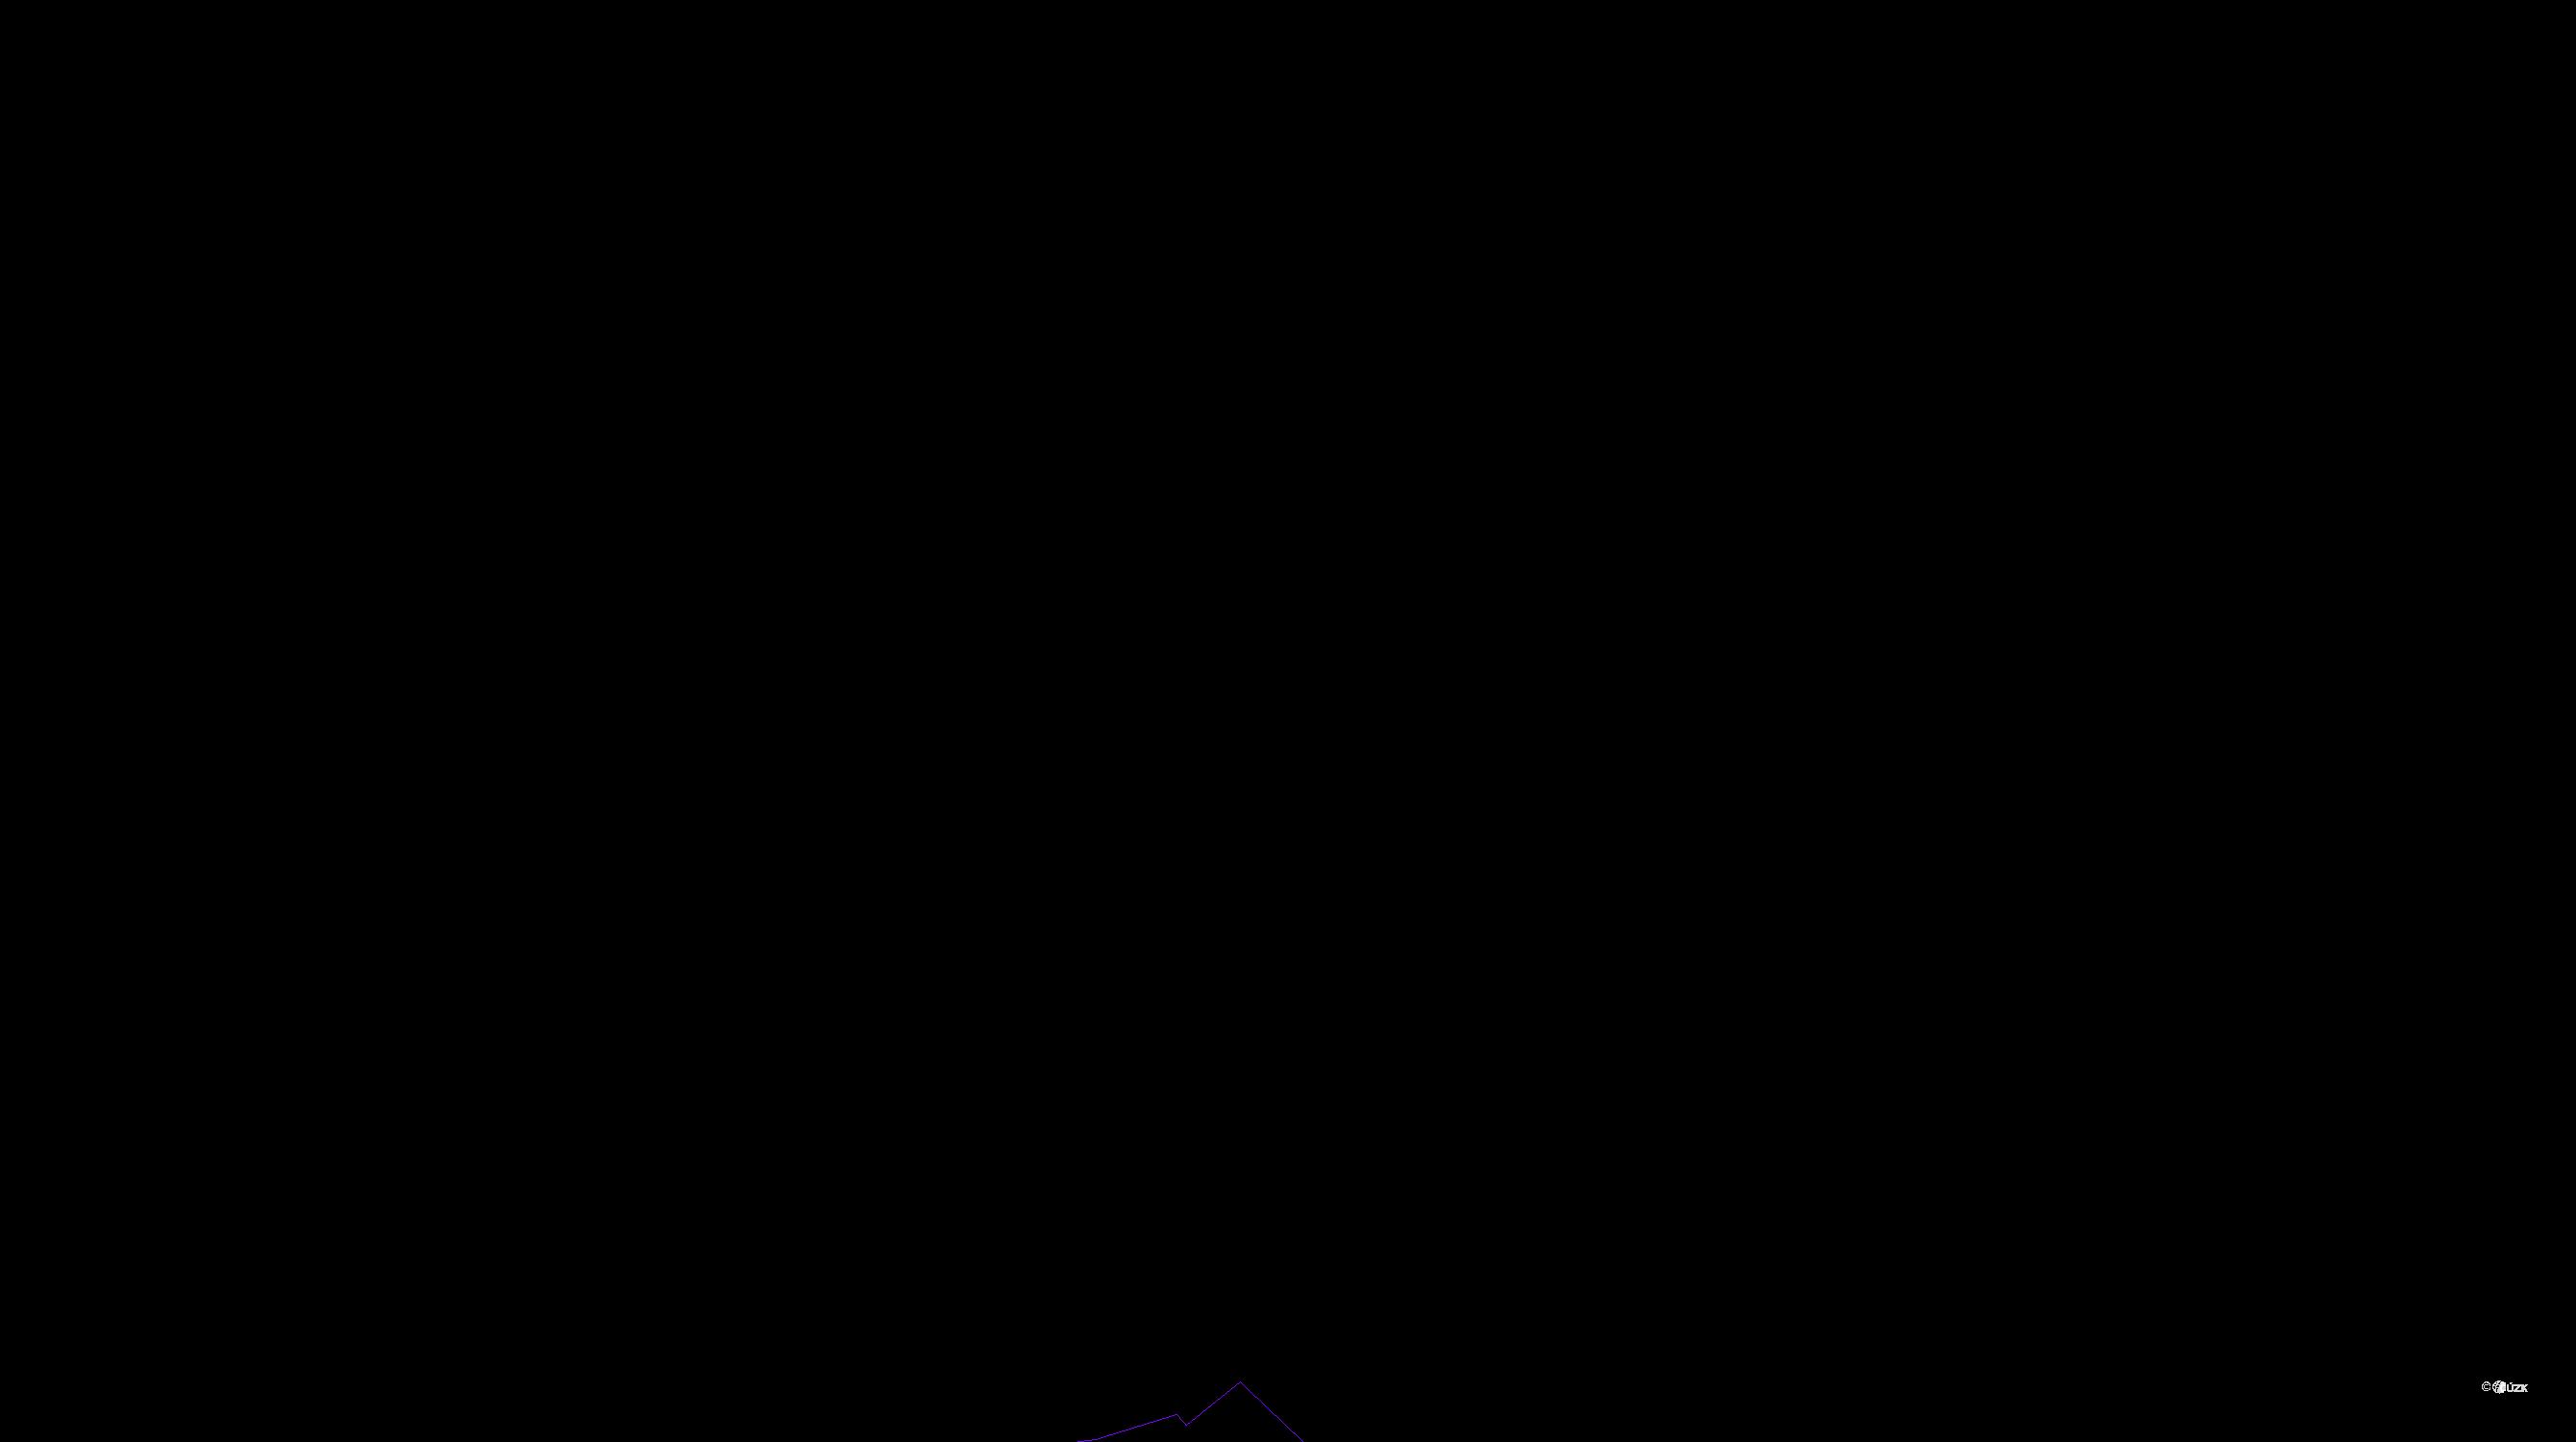 Katastrální mapa pozemků a čísla parcel Zdíkovec